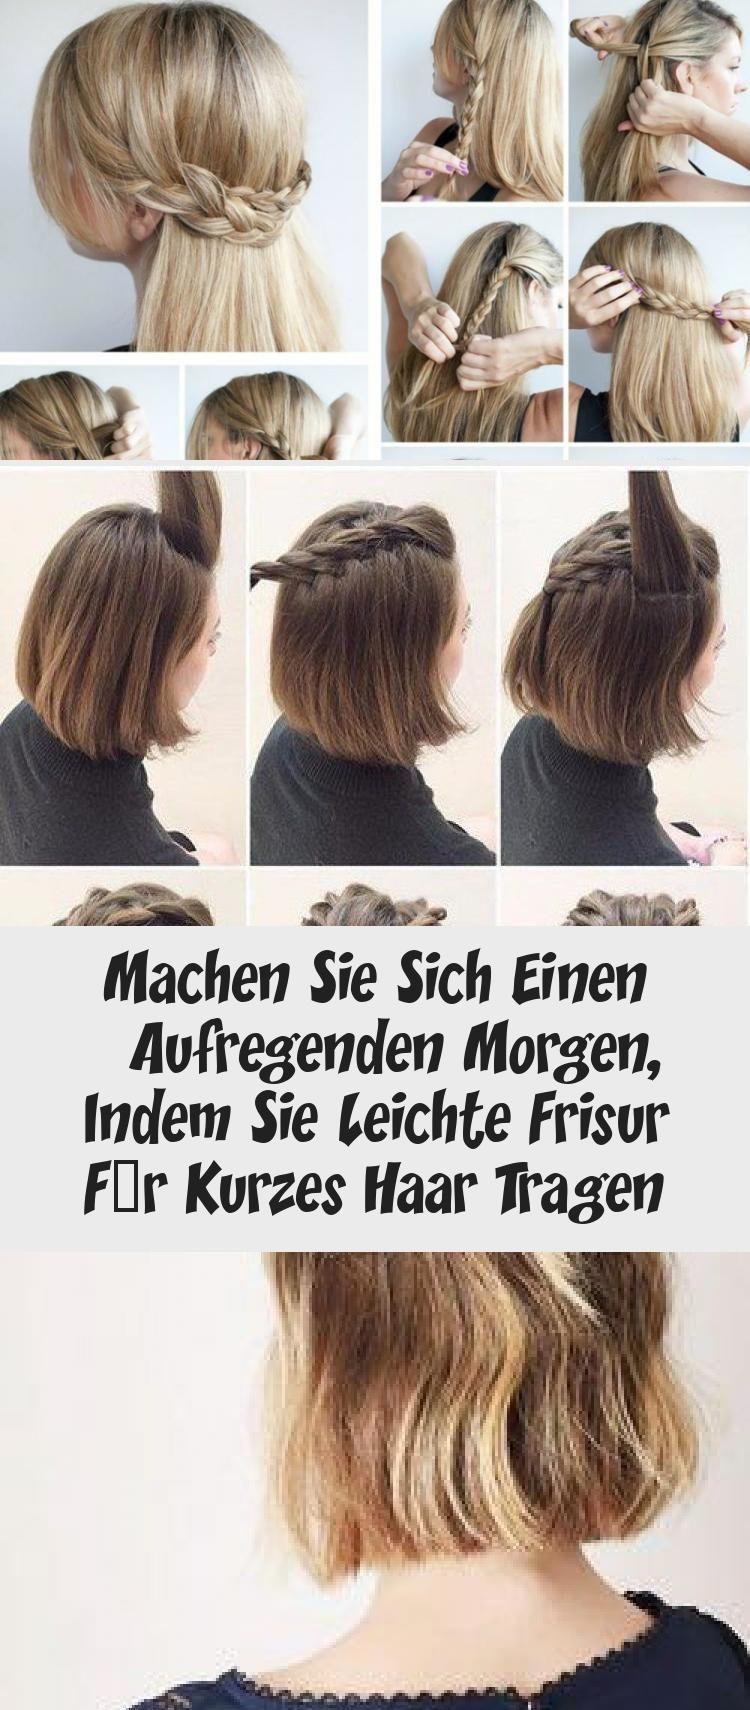 Machen Sie Sich Einen Aufregenden Morgen Indem Sie Leichte Frisur Fur Kurzes Haar Tragen 10 Easy Hairstyles To M Easy Hairstyles Short Hair Styles Hairstyle